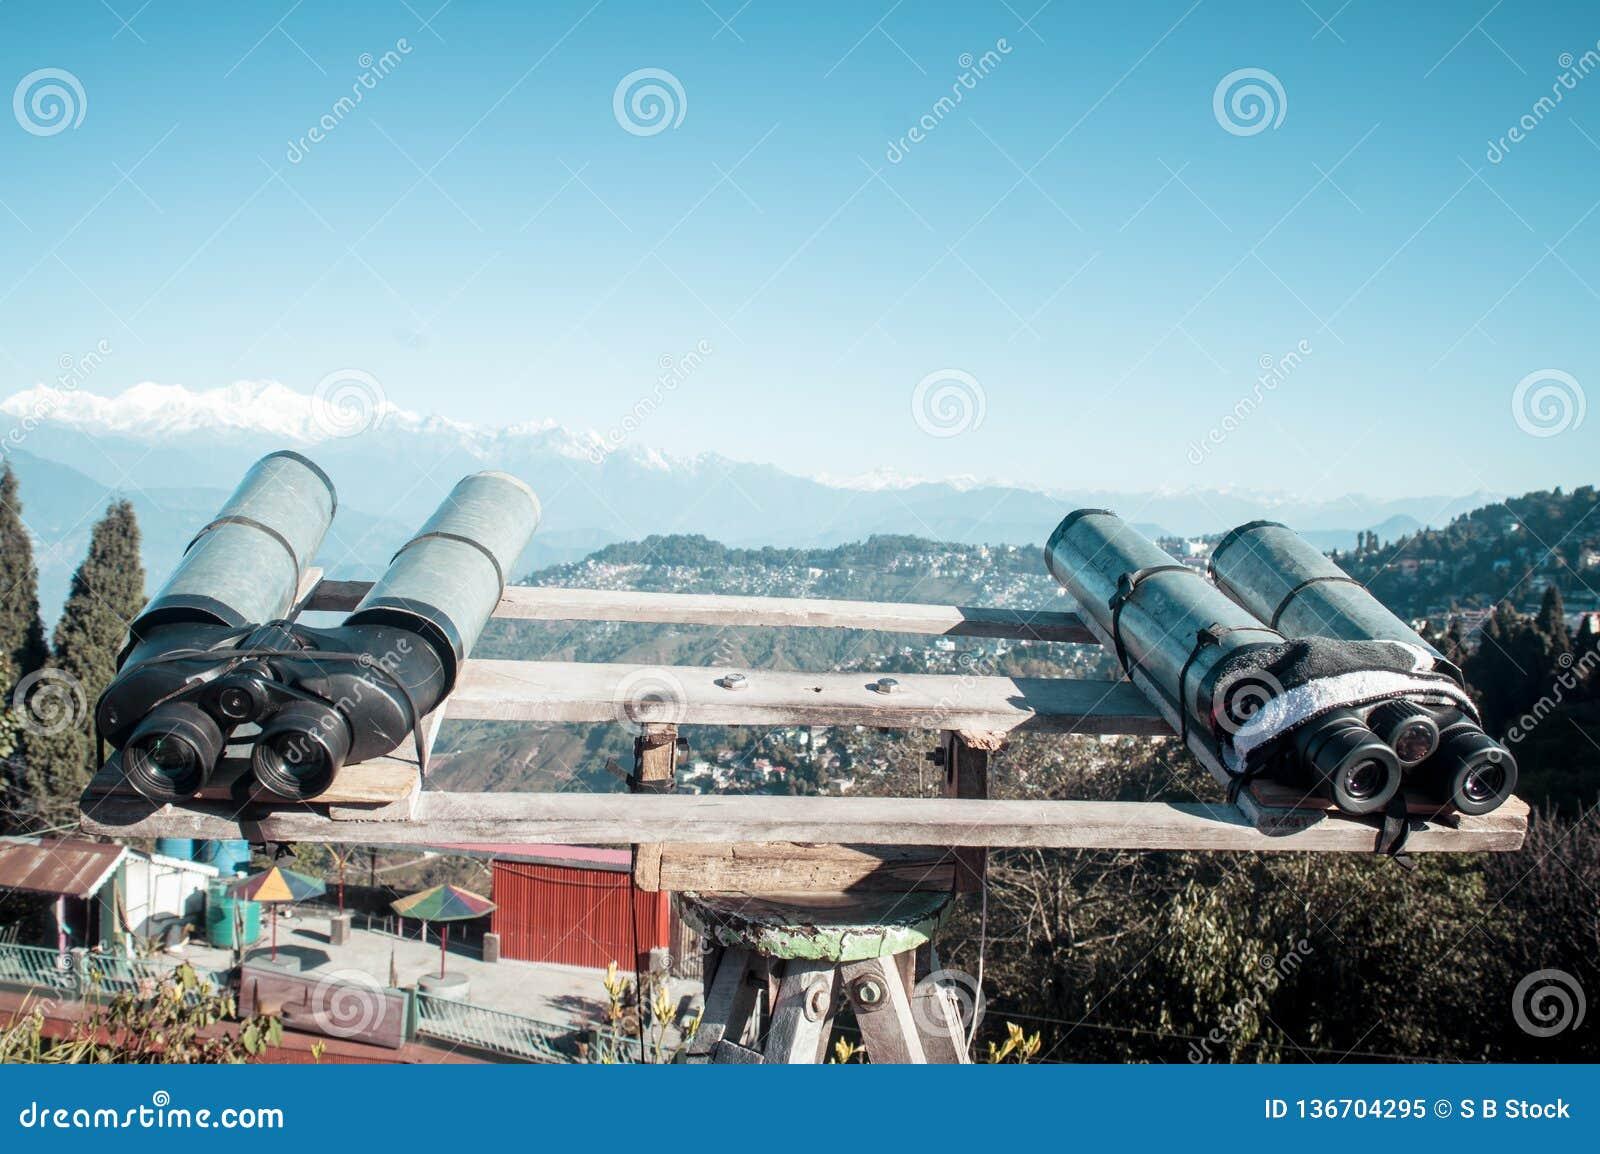 望远镜,双筒望远镜,野外镜登上为了观察者能扩大化双目视觉看Kanchenjunga,珠穆琅玛,安纳布尔纳峰